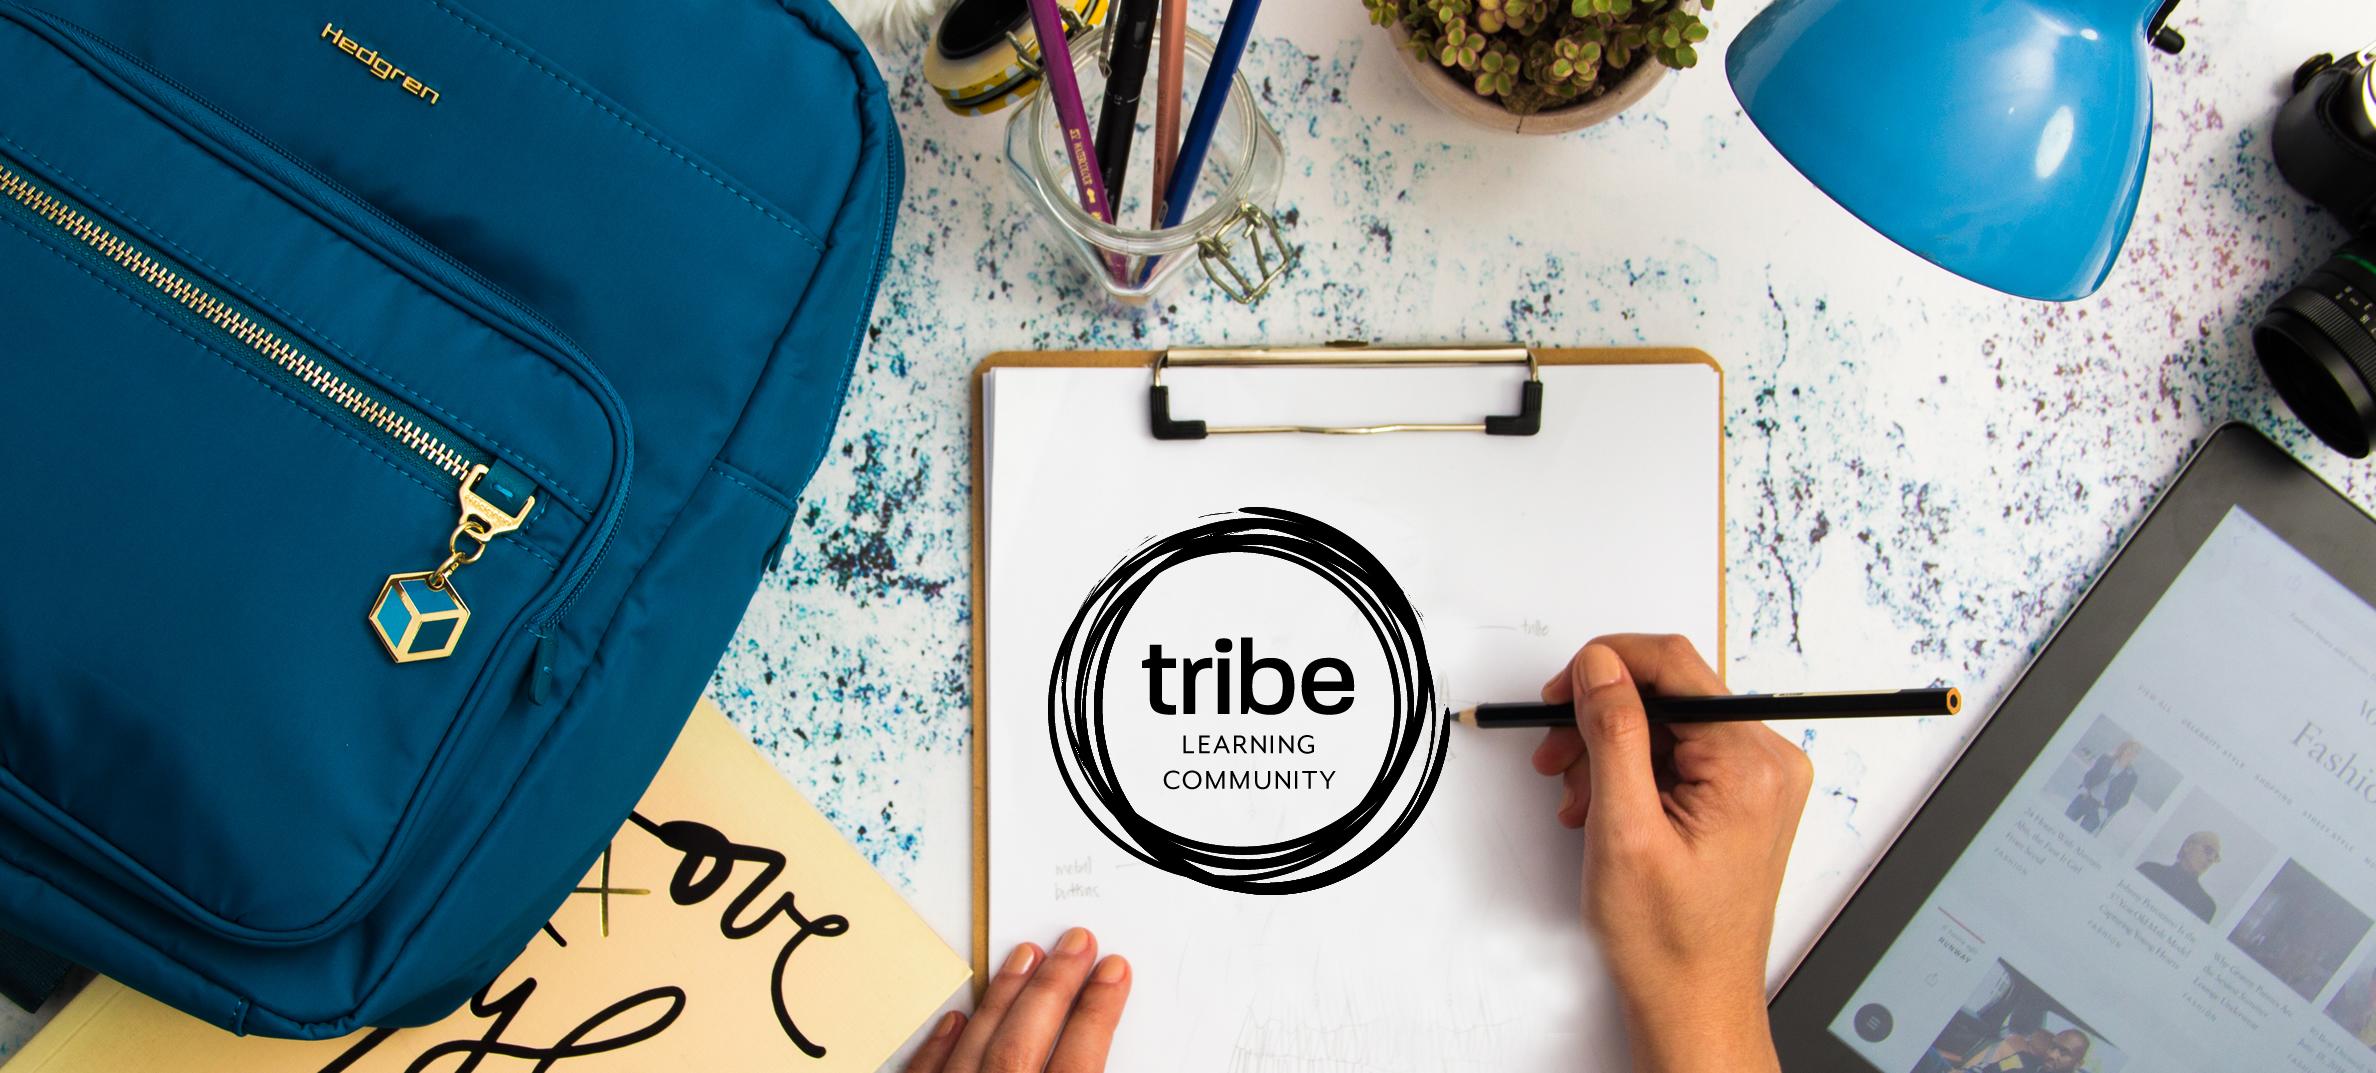 tribe_learning_header2.jpg